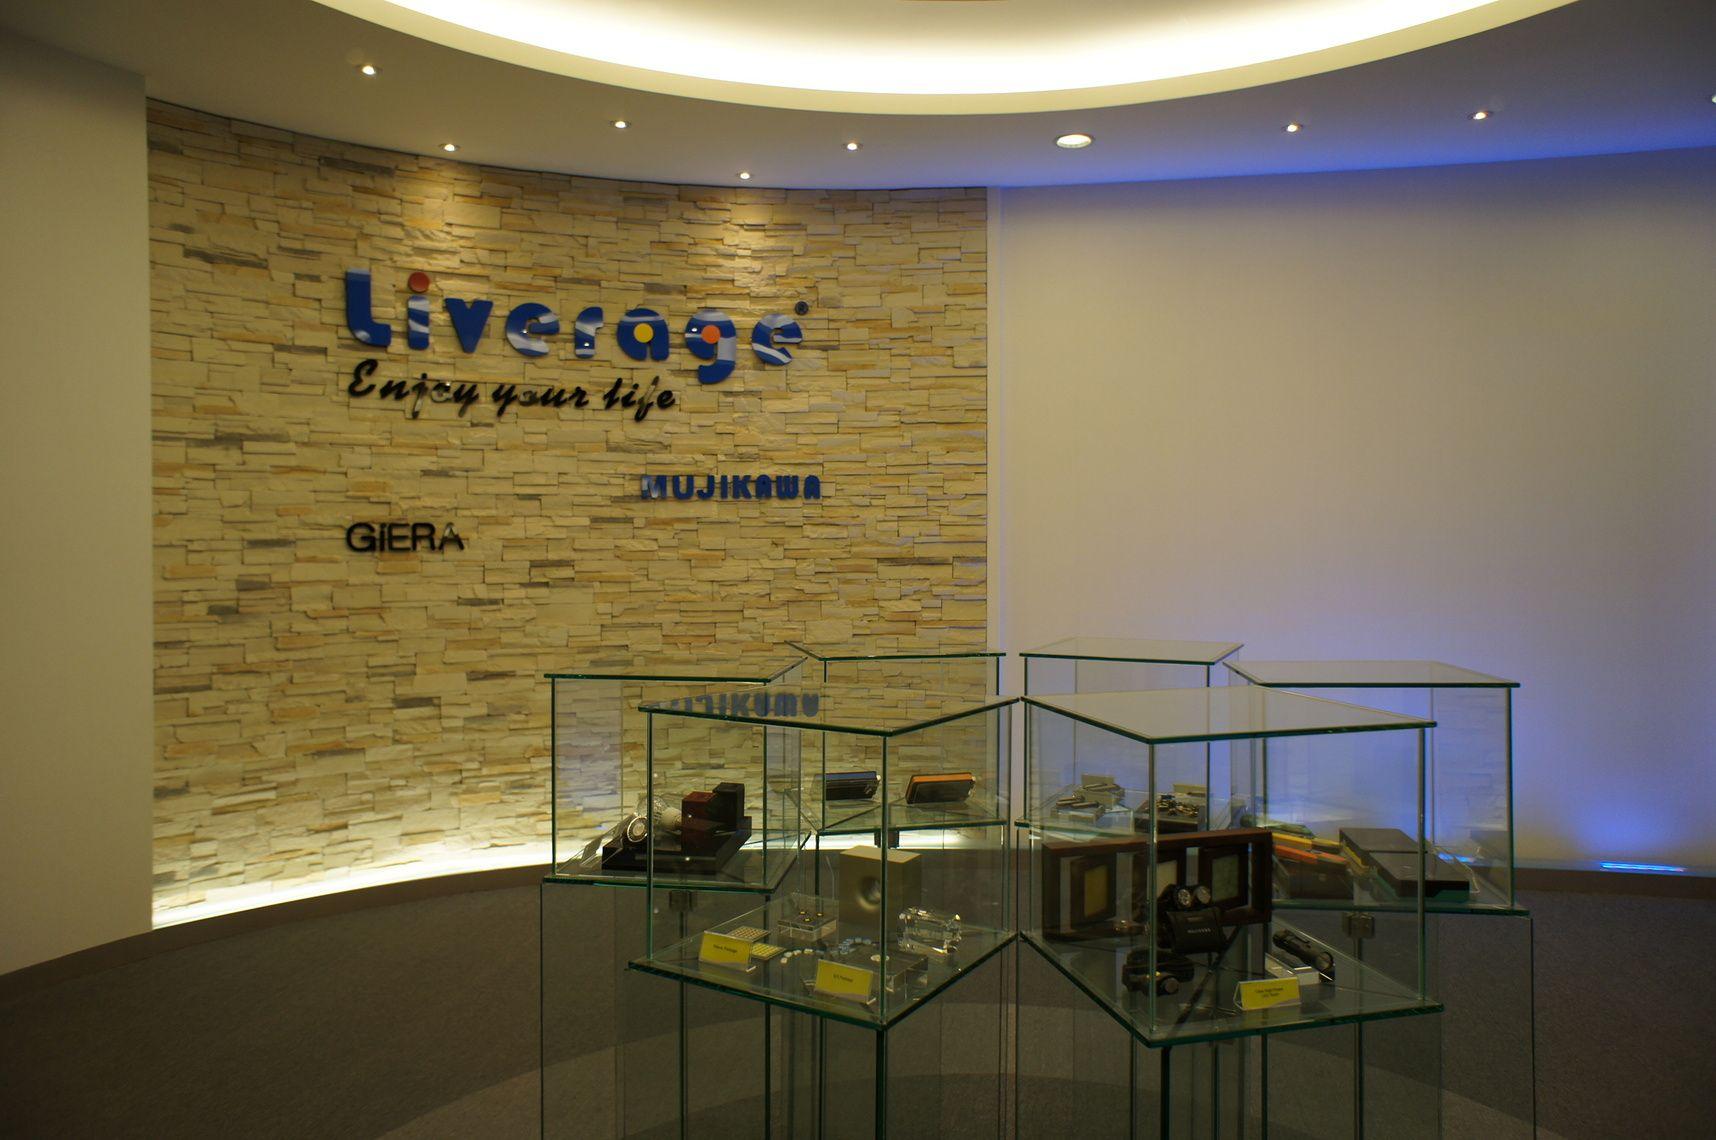 Liverage se ha dedicado a la industria de la comunicación por fibra óptica durante más de 15 años.